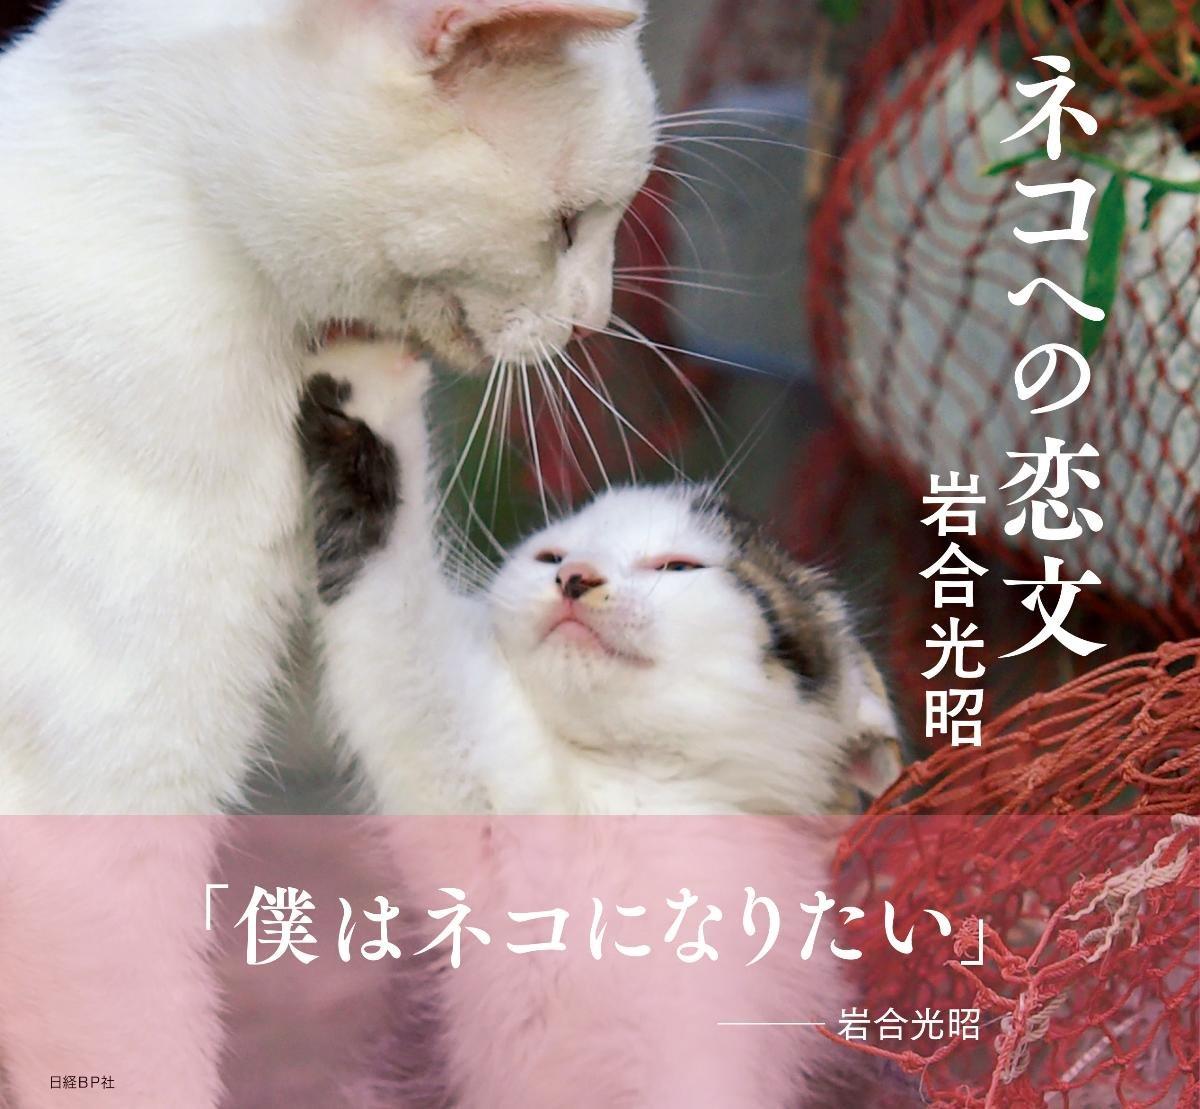 岩合光昭写真集「ネコへの恋文」表紙イメージ